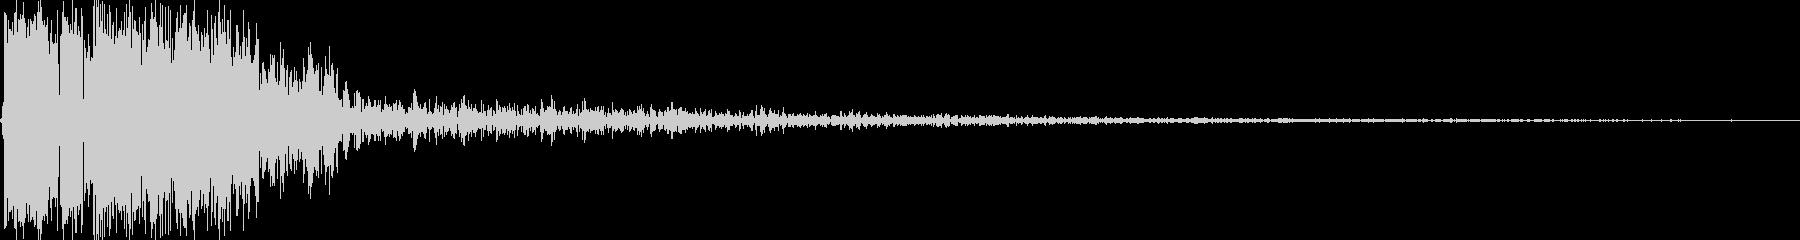 【YouTube】効果音_06 ピシッの未再生の波形